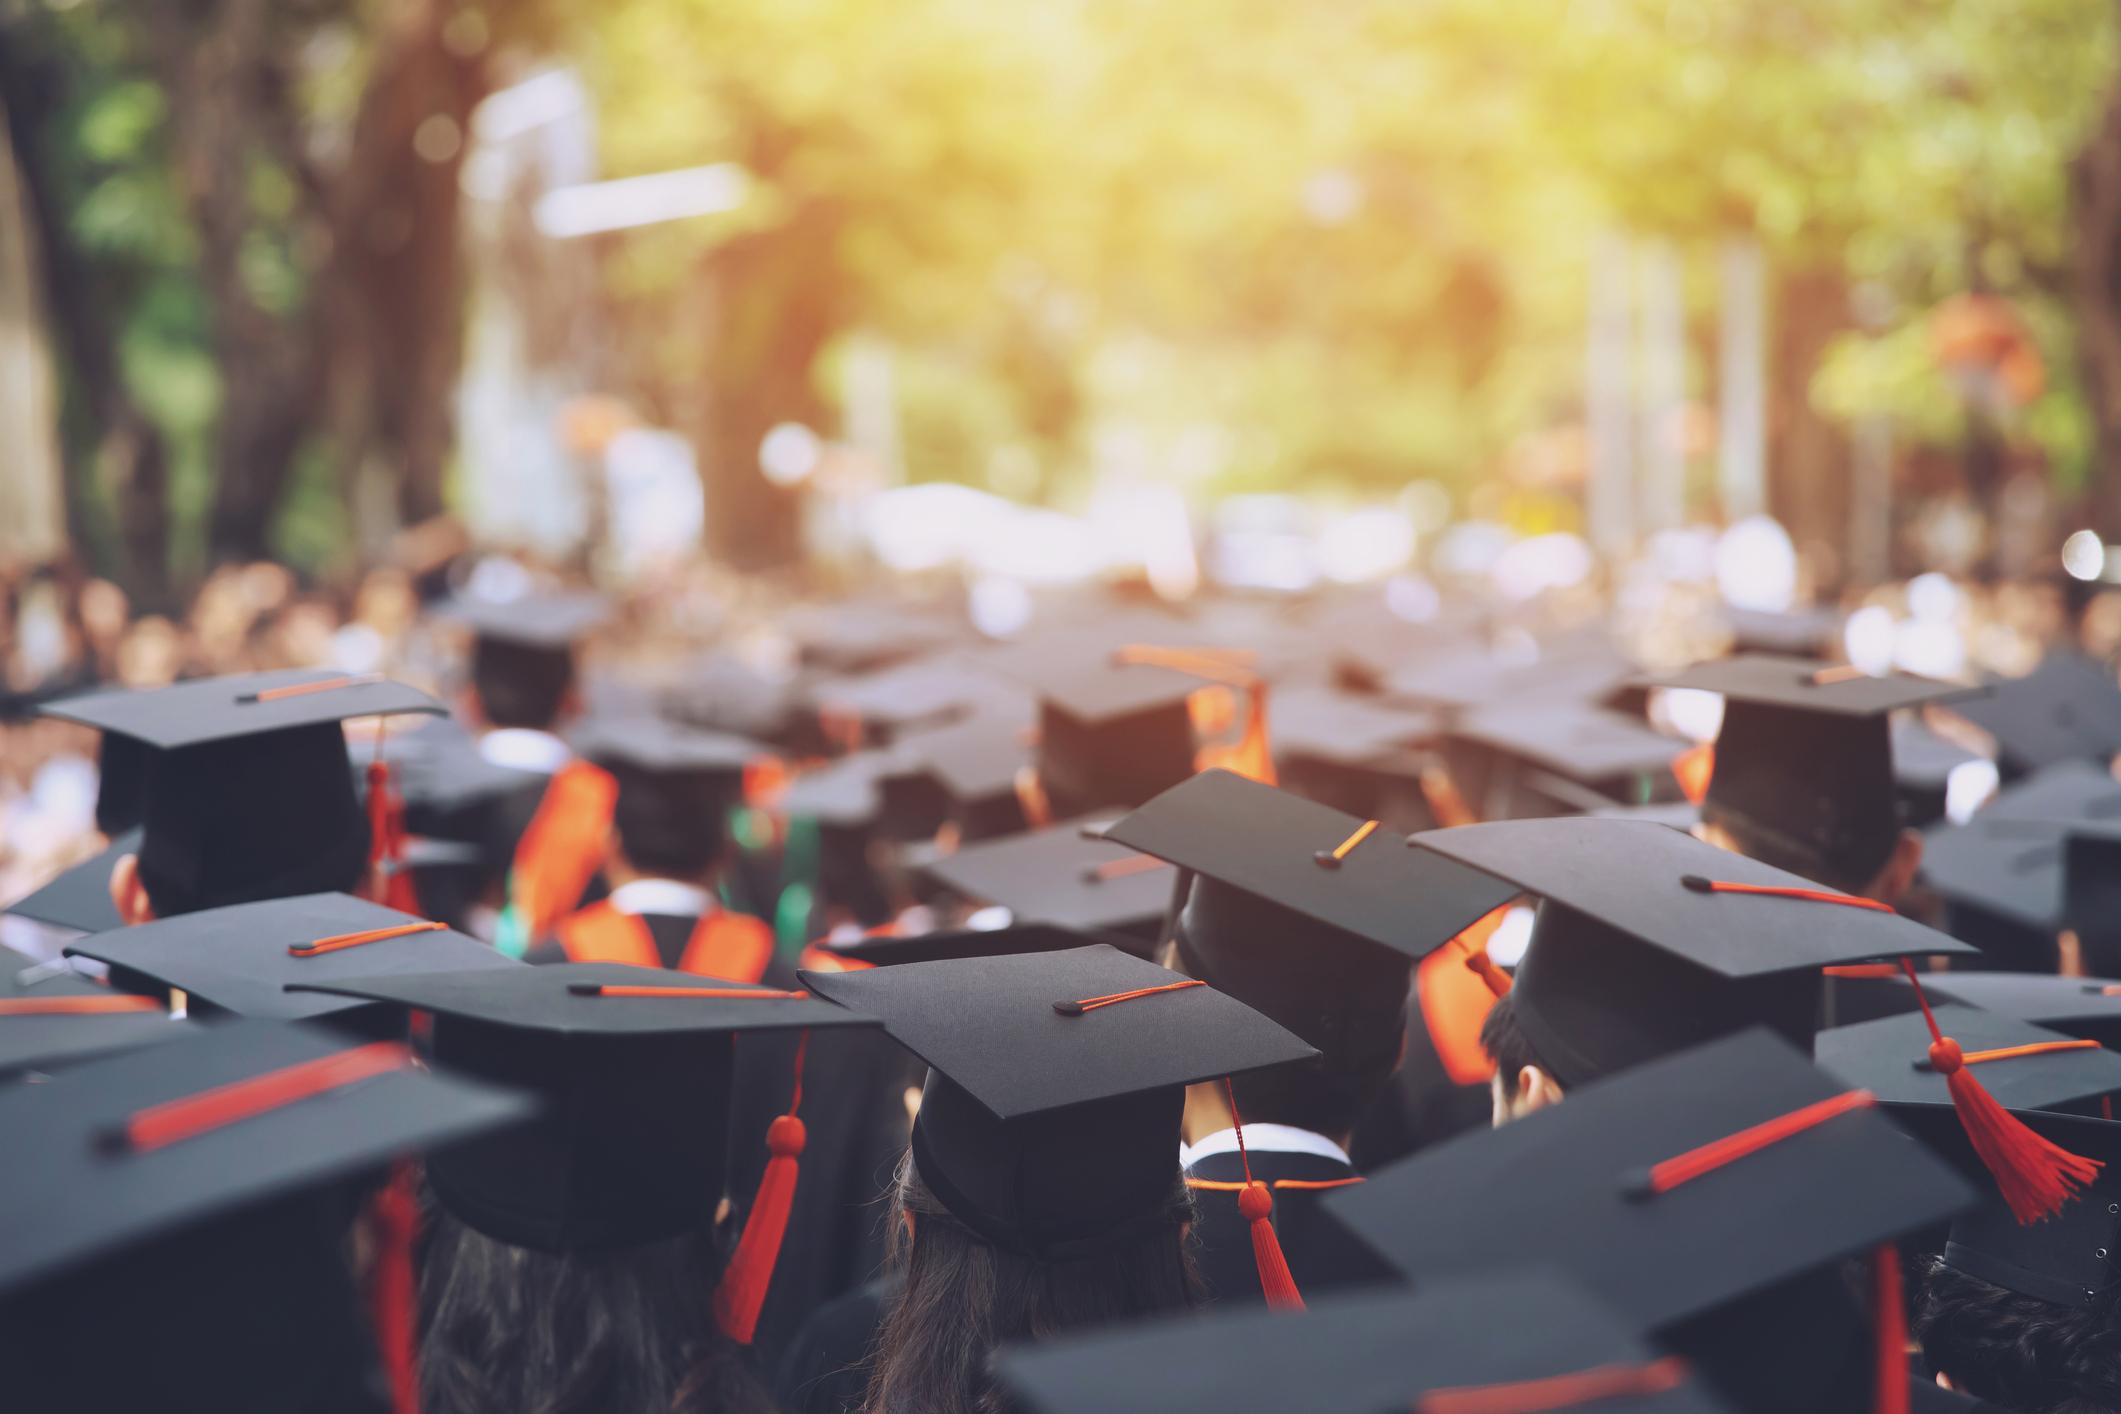 Fundación de la Cámara de Comercio hispana anuncia becas para estudiantes latinx